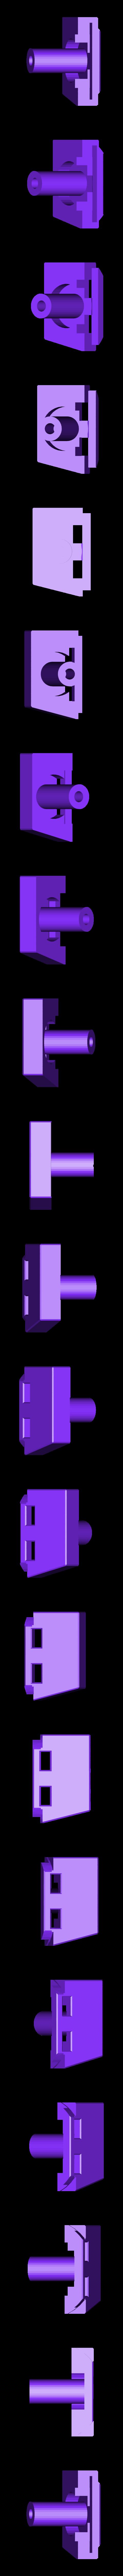 shoulder_mount_v3_R_undercut_pt2.stl Download free STL file TRANSFORMERS G1 ROTORSTORM ARTICULATION UPGRADE KIT • 3D printable design, sickofyou